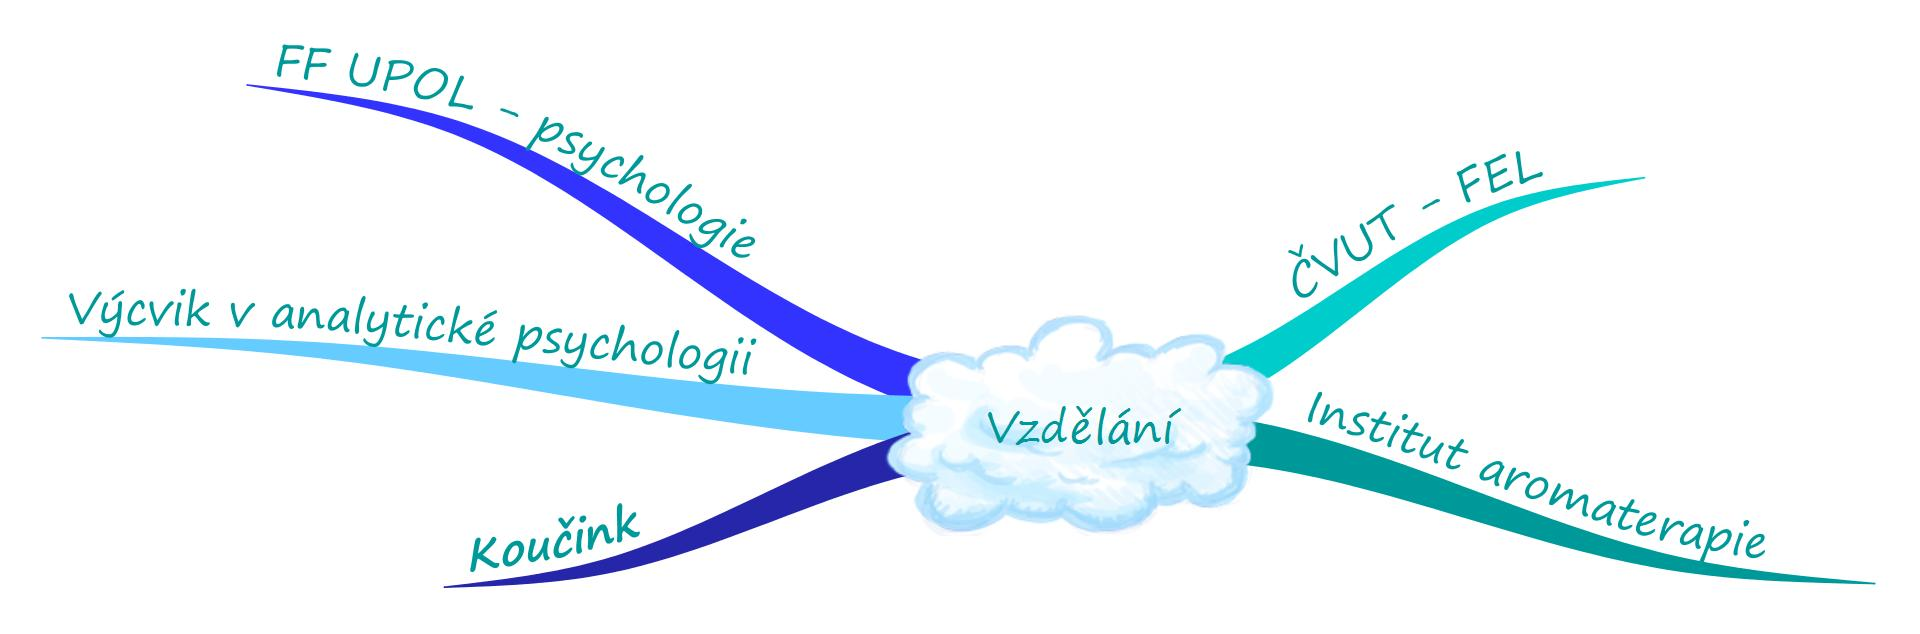 loja_vzdelani